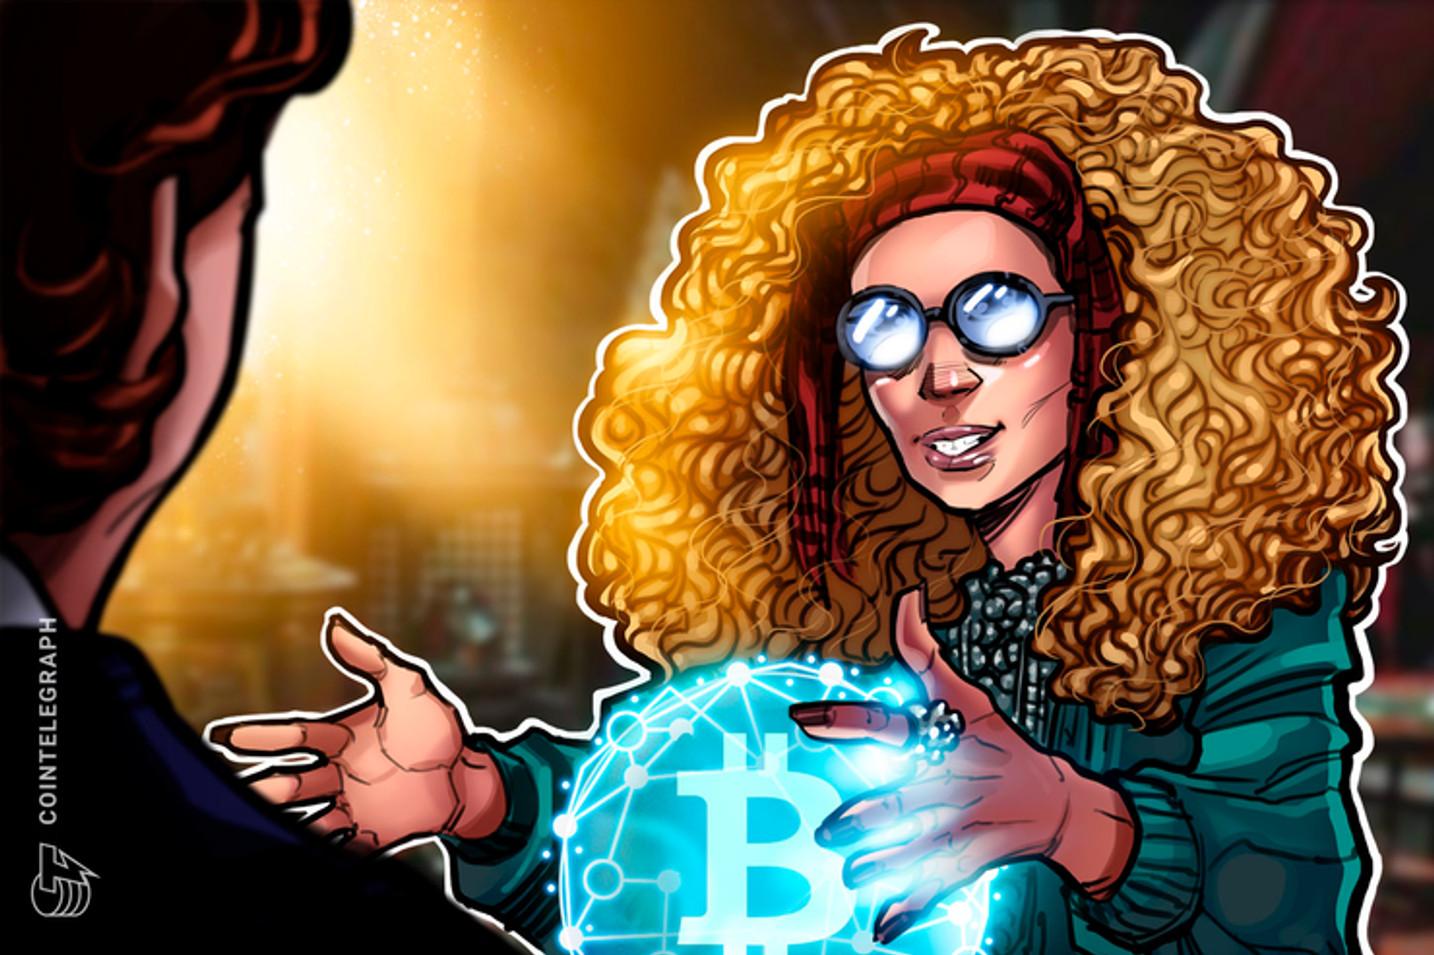 ビットコインは既に上昇に向けた「スーパーサイクル」か ヘッジファンドCEO「来年5月までに1万4000ドル」と予想【仮想通貨相場】